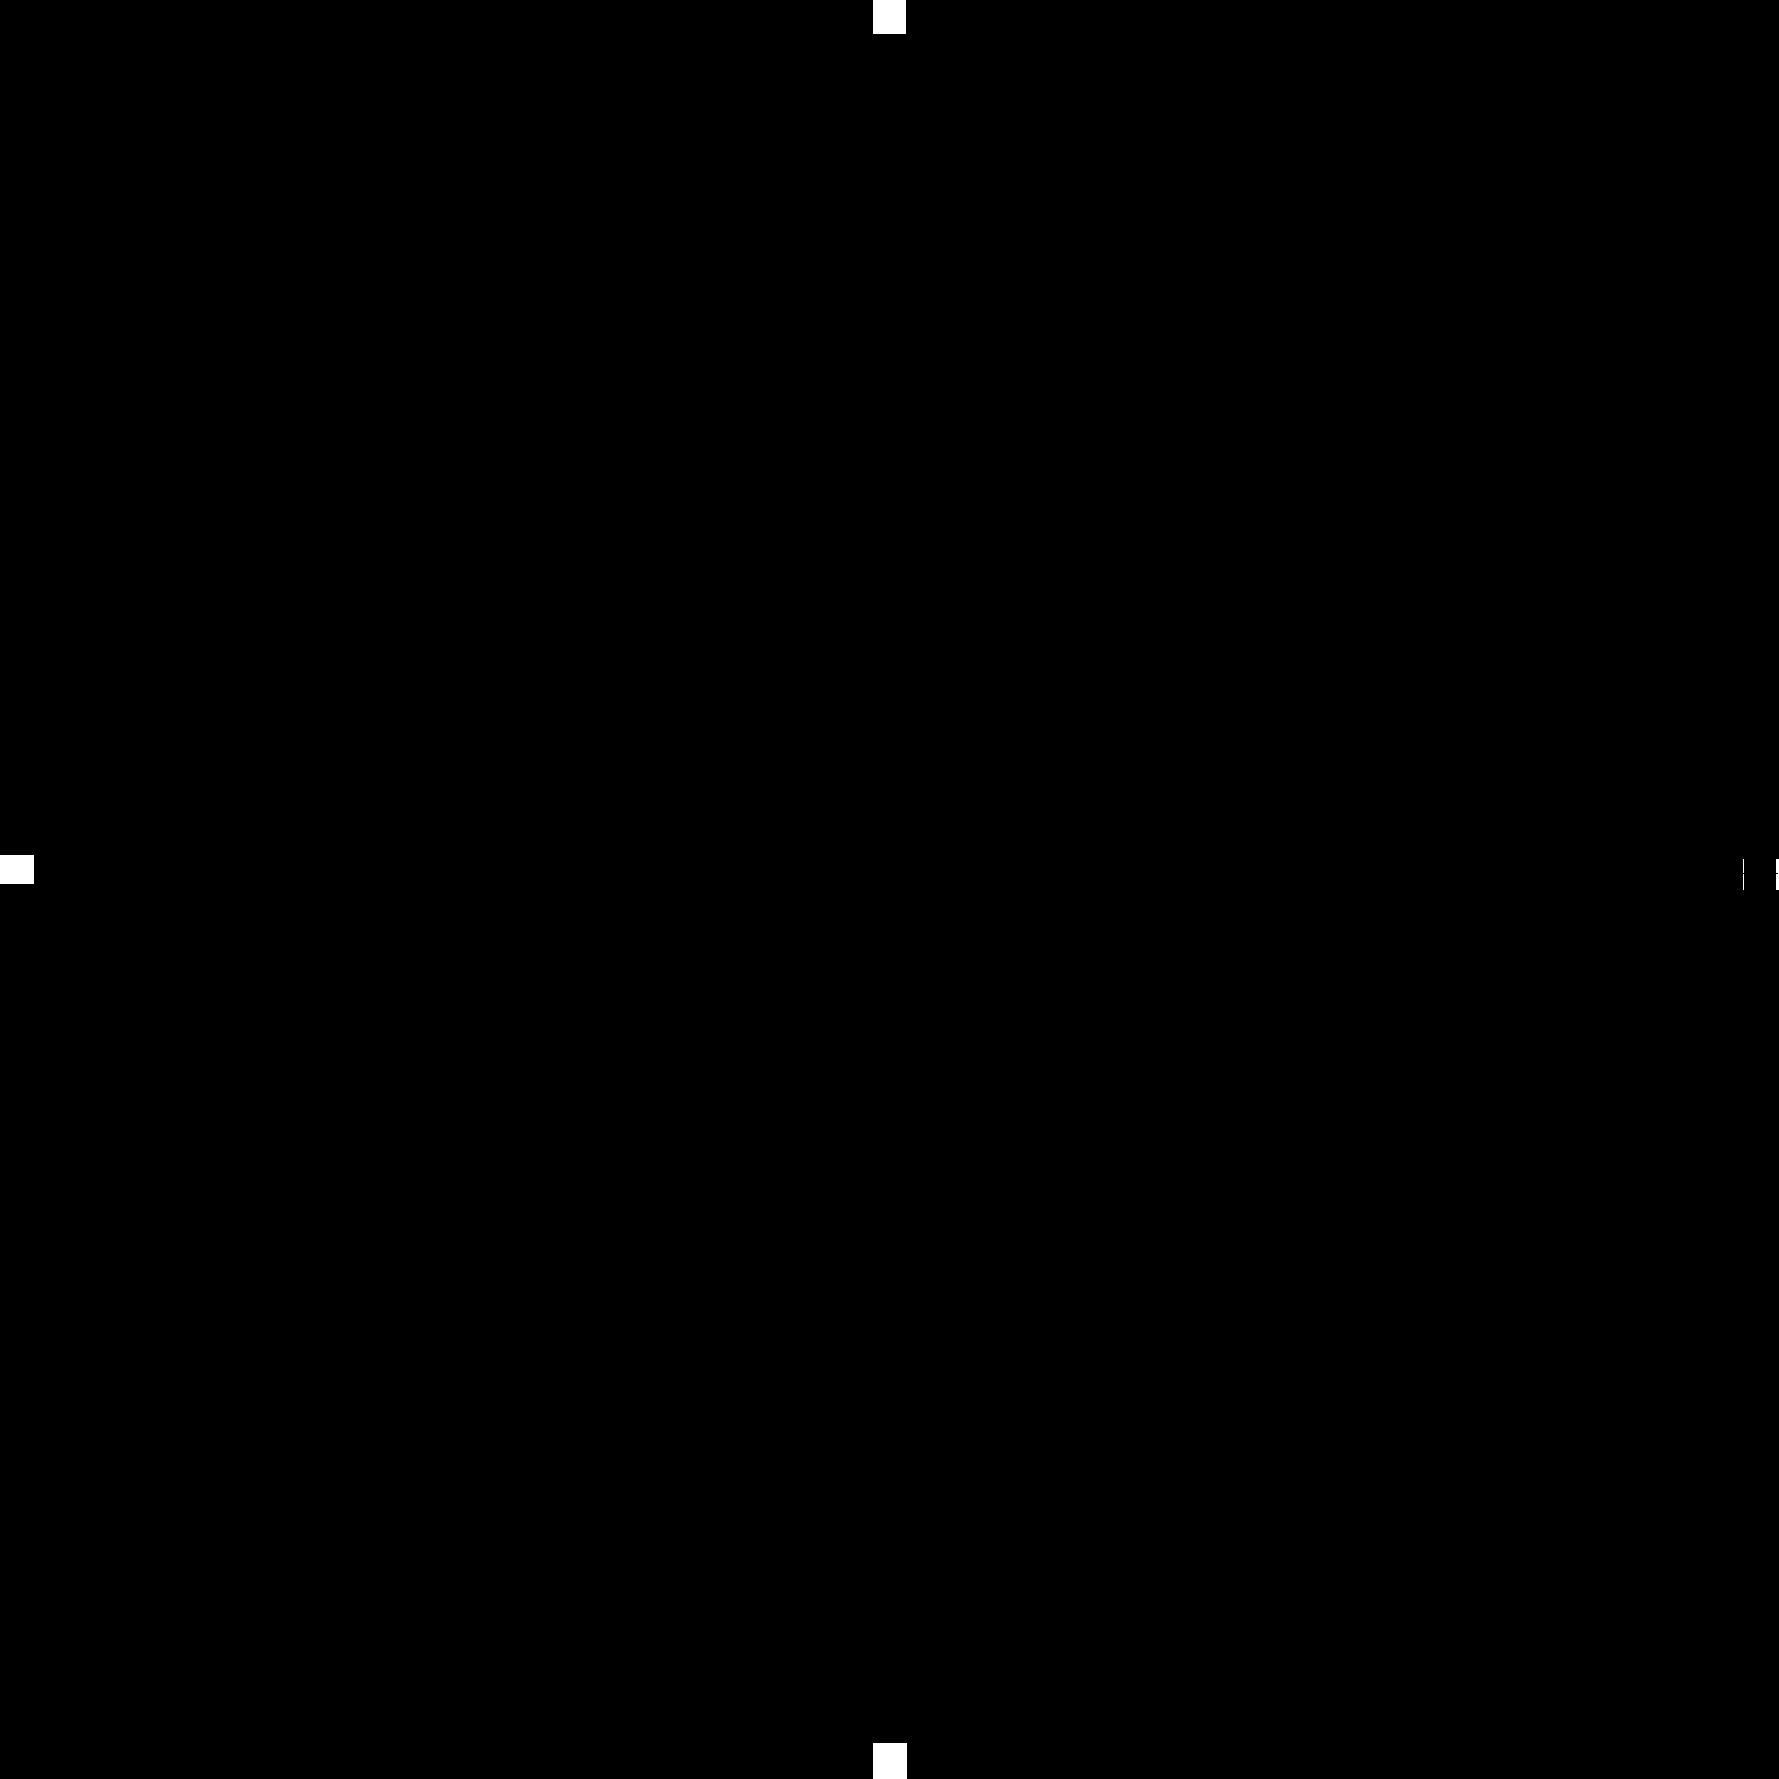 aramis-v2-full